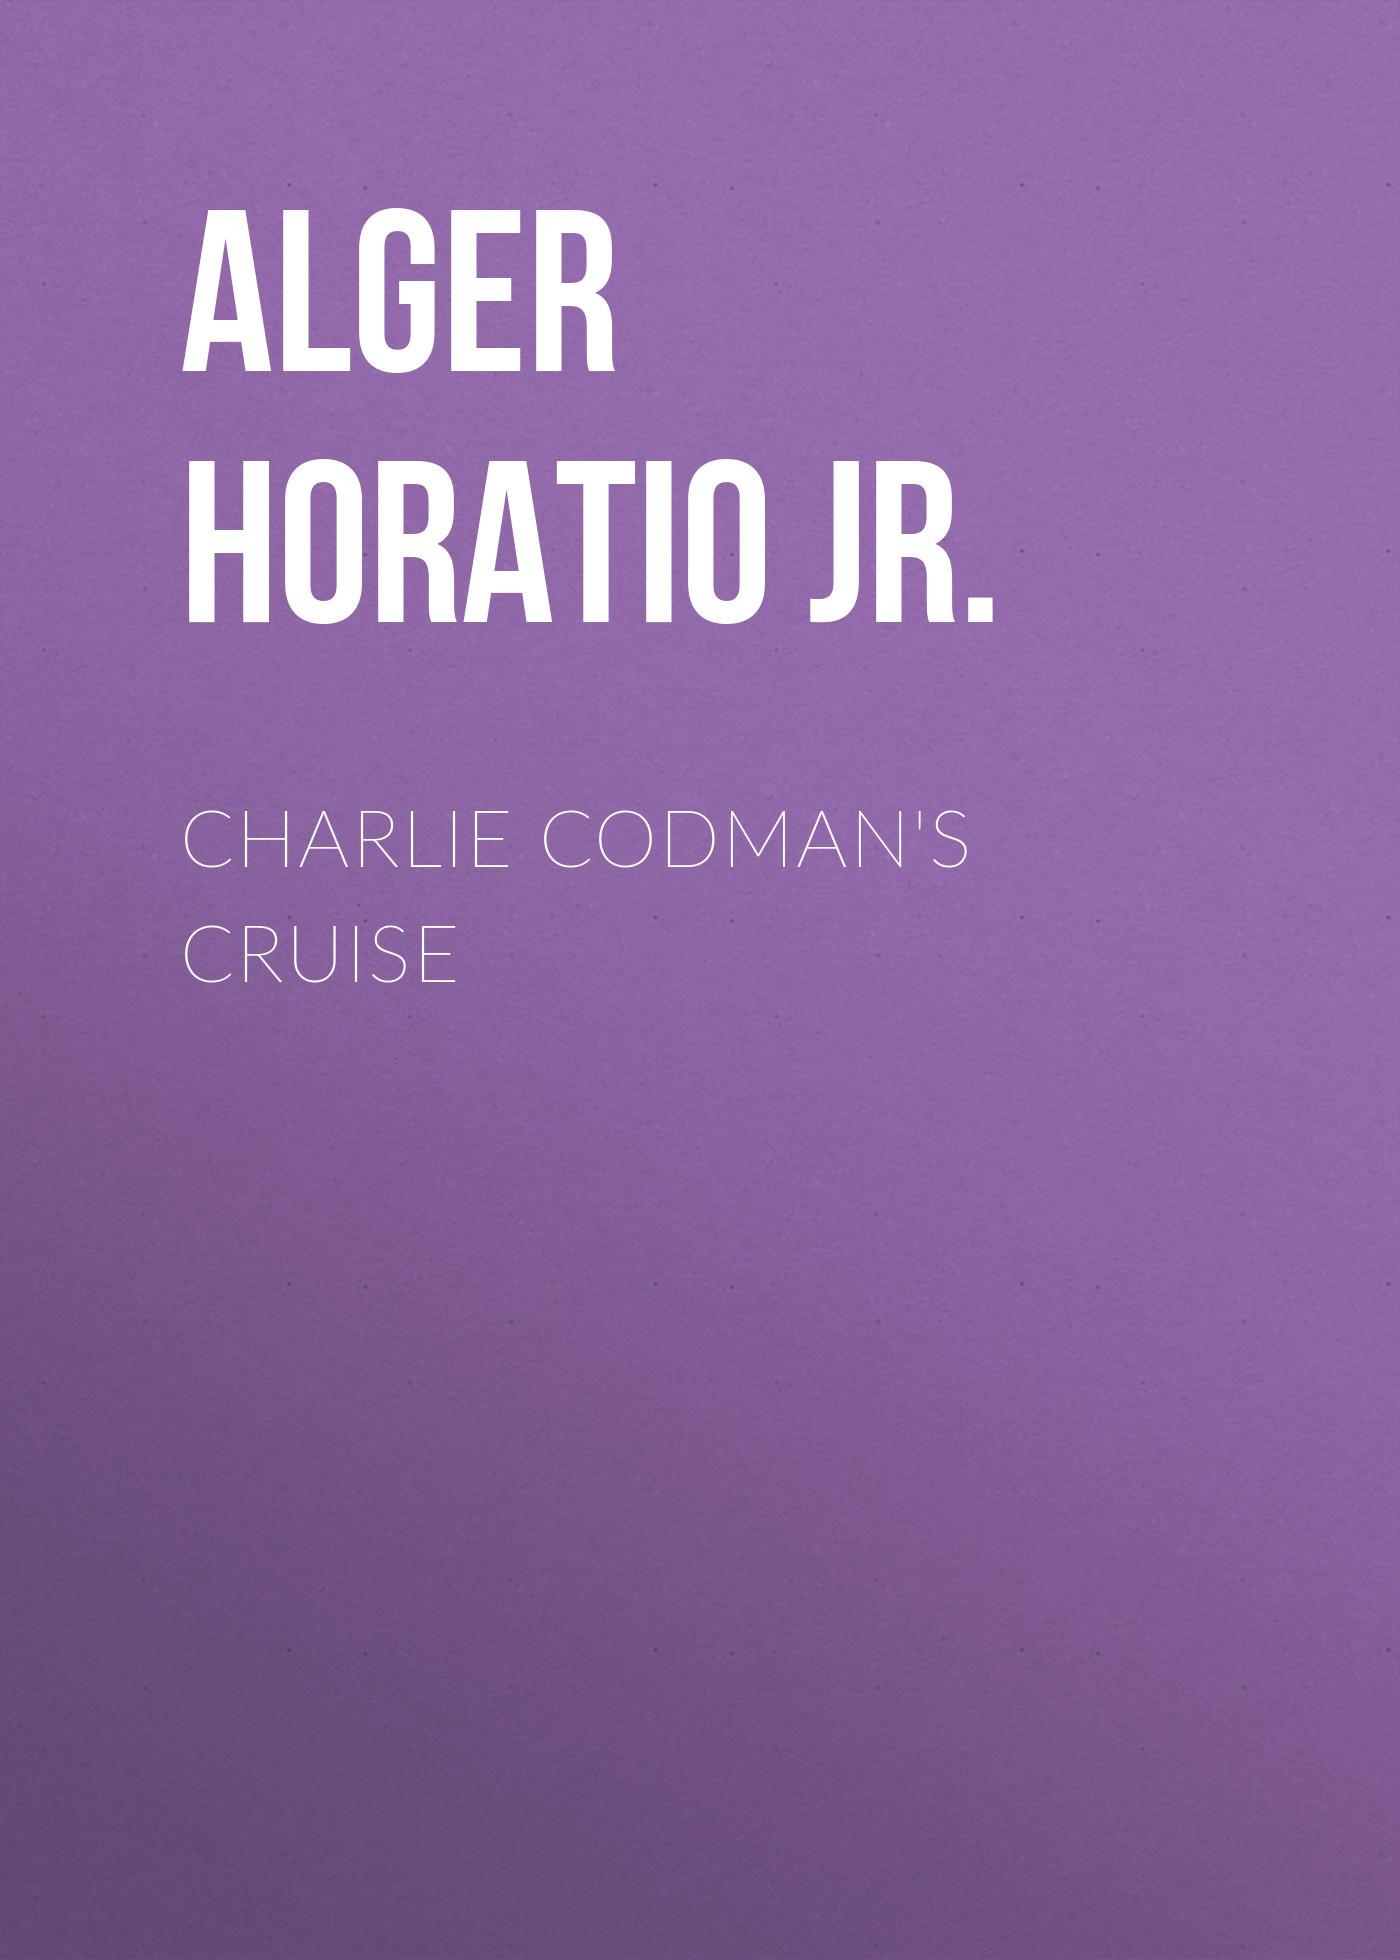 Alger Horatio Jr. Charlie Codman's Cruise horatio alger jr digging for gold